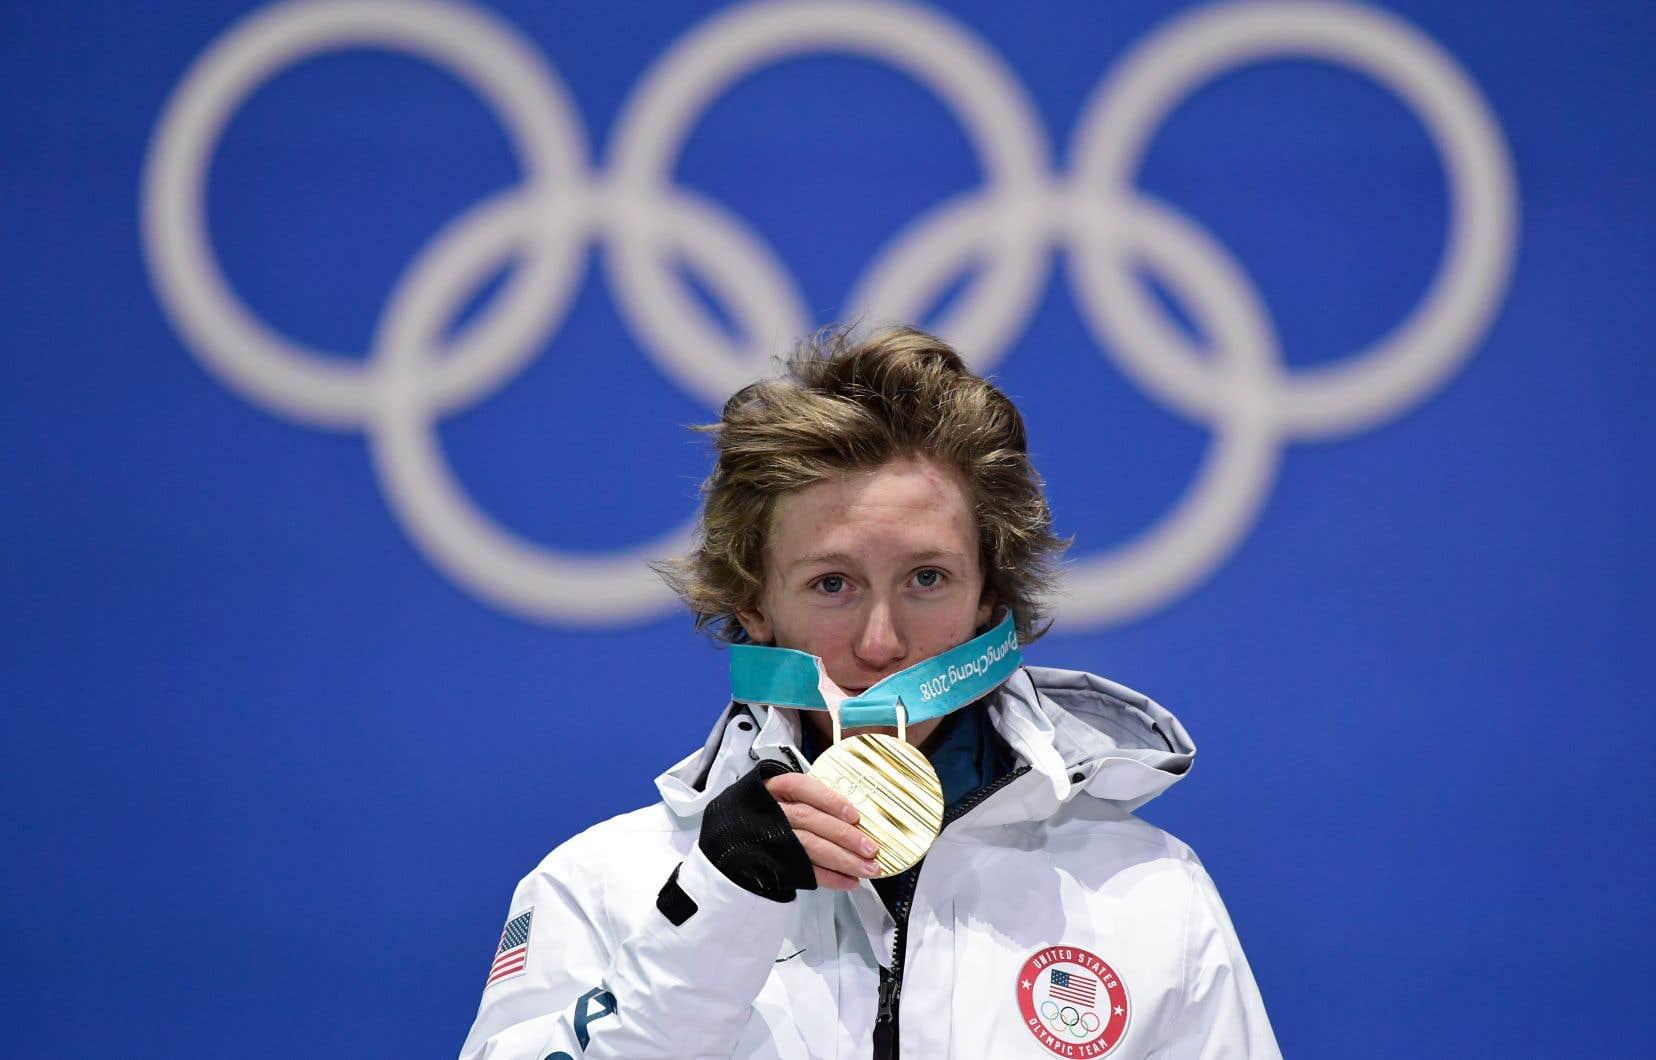 Le planchiste américain Redmond Gerard est devenu le premier athlète né après le 1er janvier 2000 à remporter une médaille lors de Jeux olympiques d'hiver.